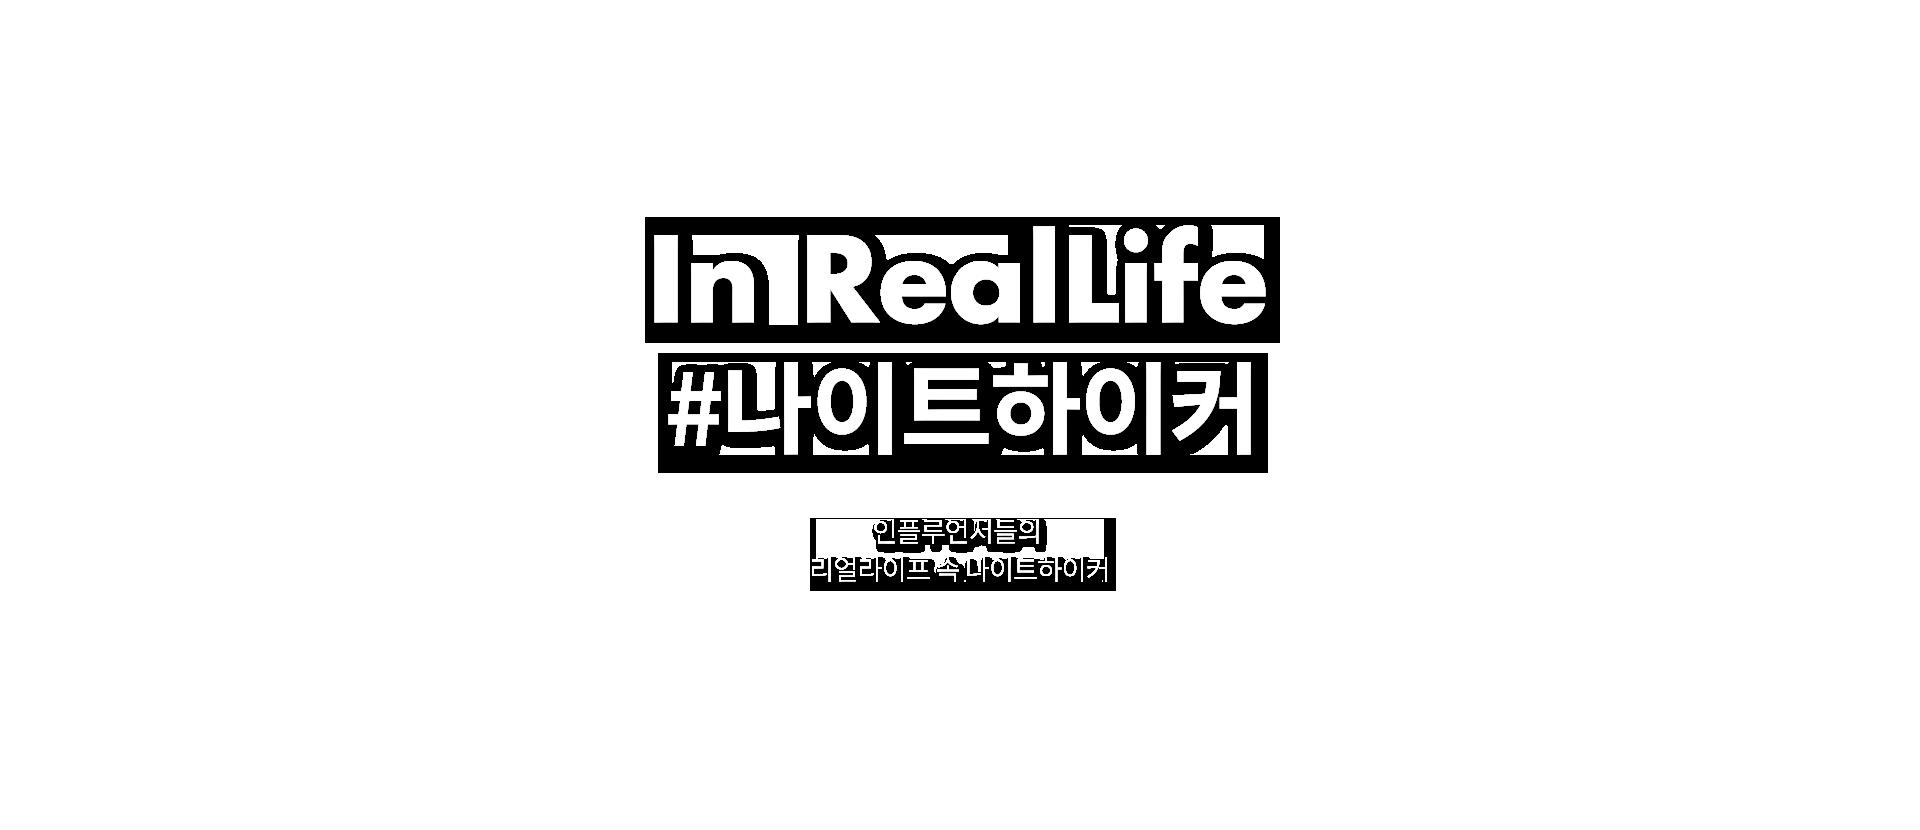 In RealLife #나이트하이커 인플루언서들의 리얼라이프 나이트하이커